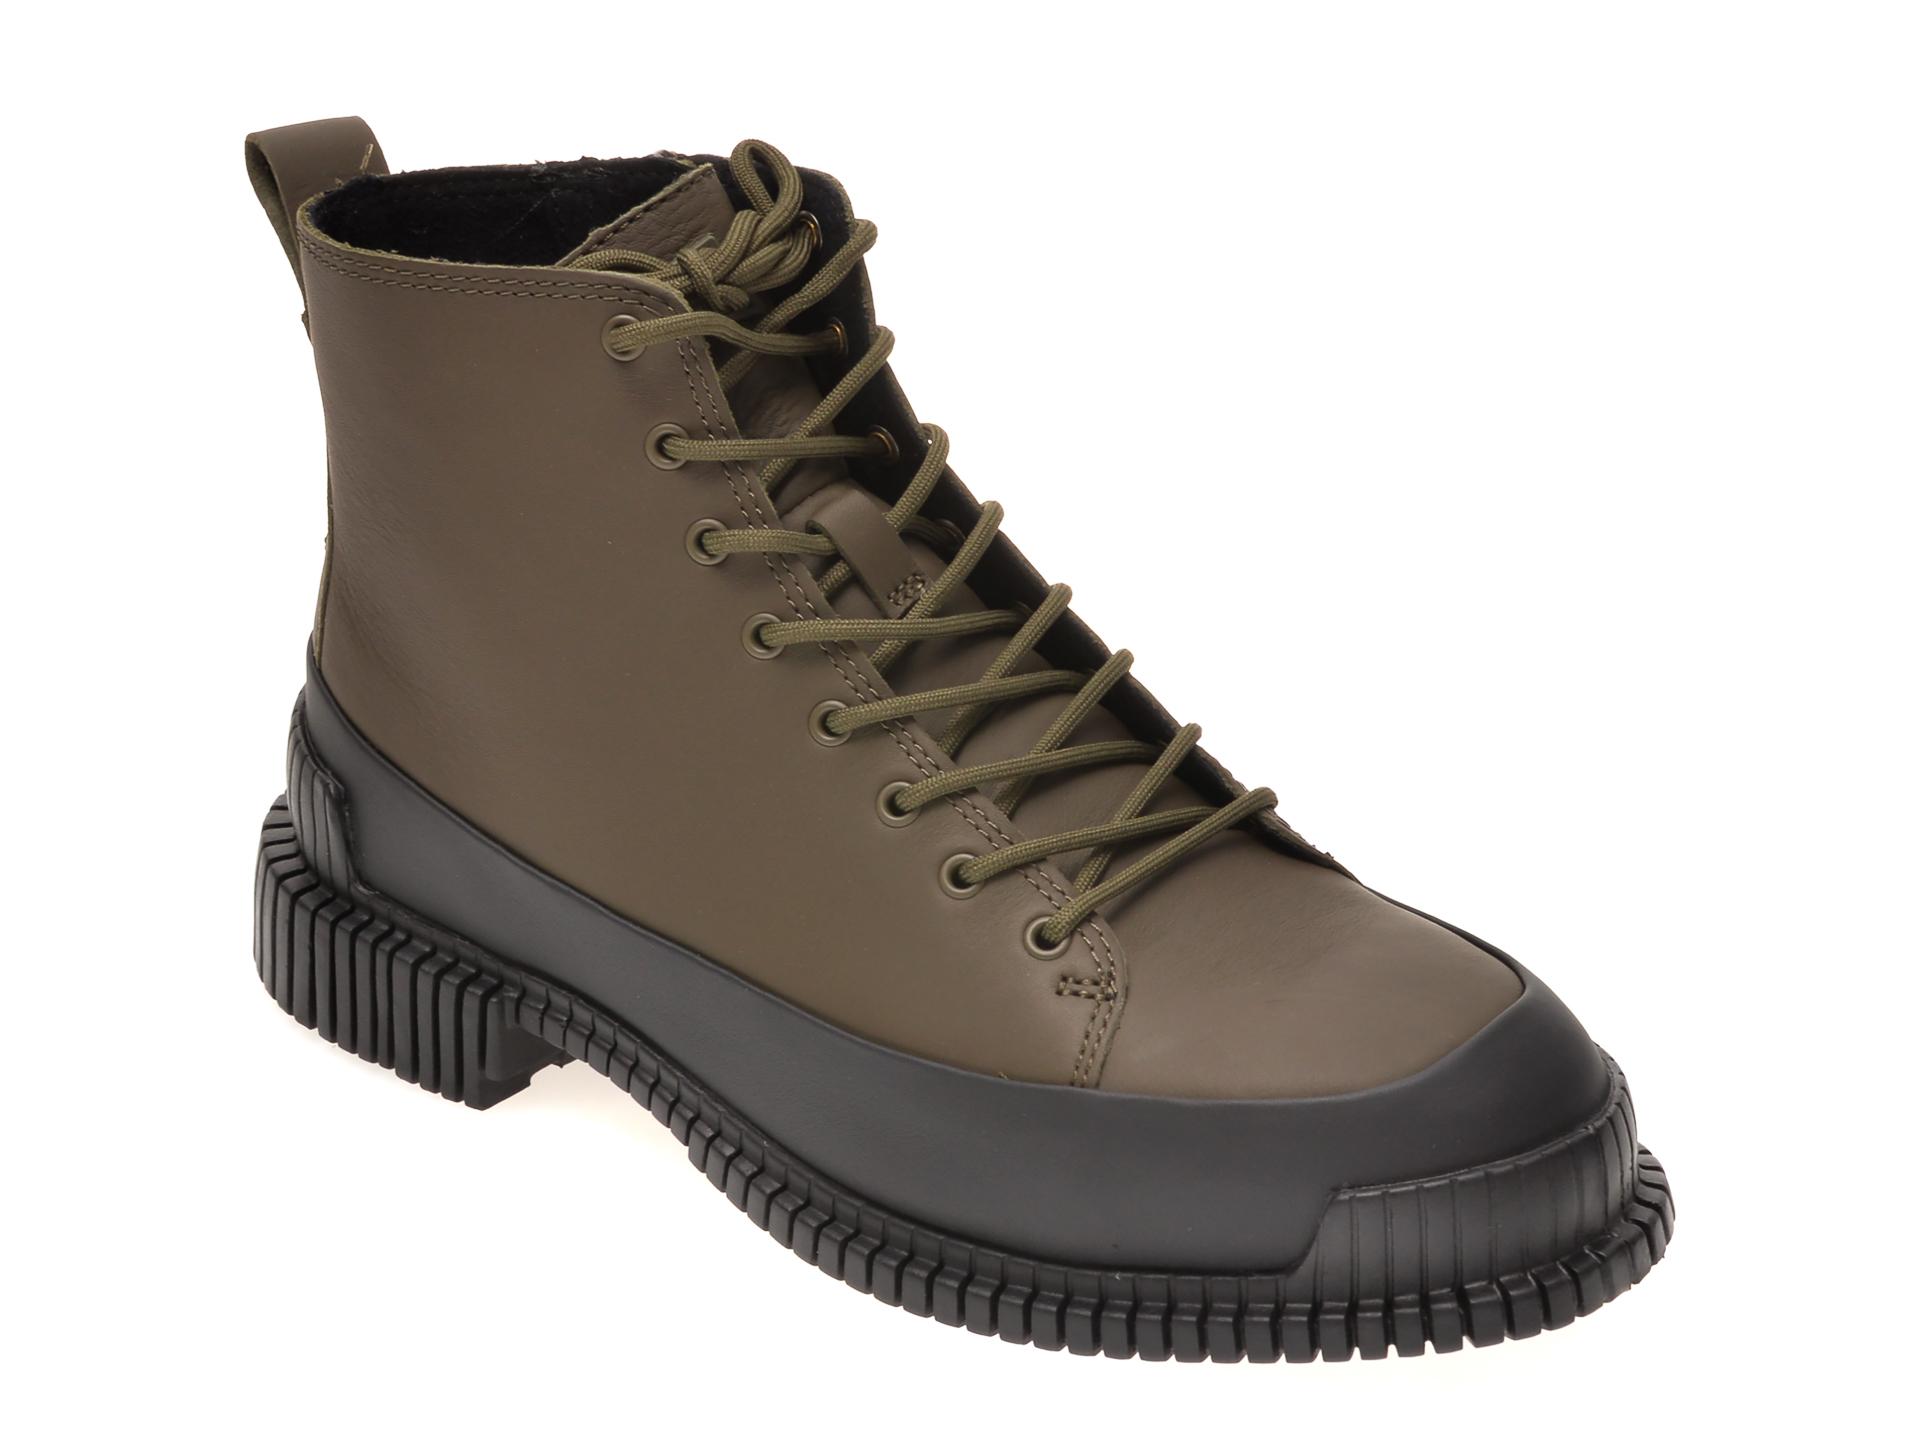 Ghete CAMPER kaki, K400388, din piele naturala imagine